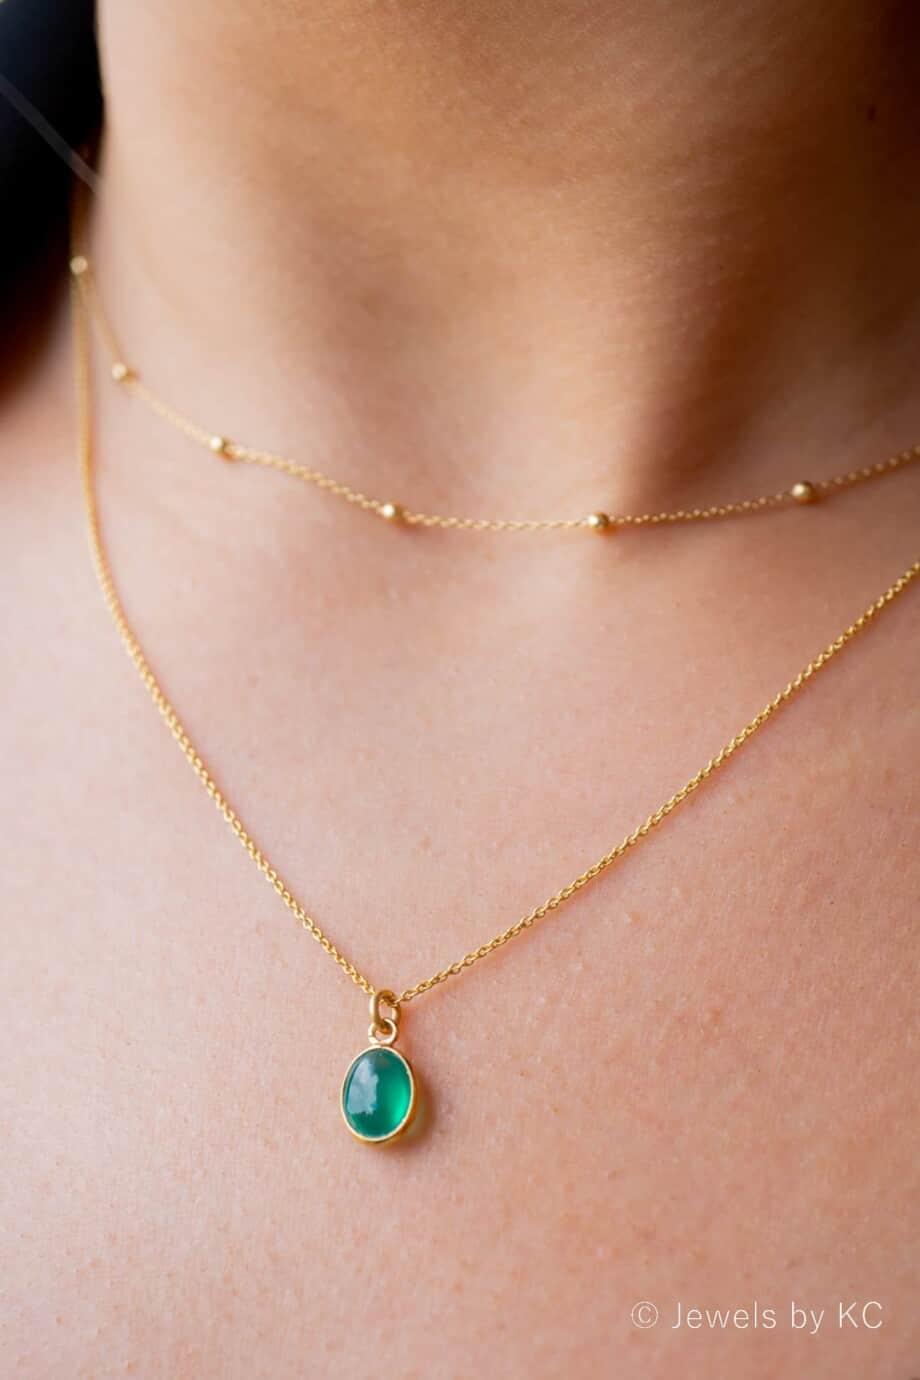 Gouden edelsteen ketting met groene Onyx van Goud op Zilver. Handgemaakte edelsteen sieraden van Jewels by KC.